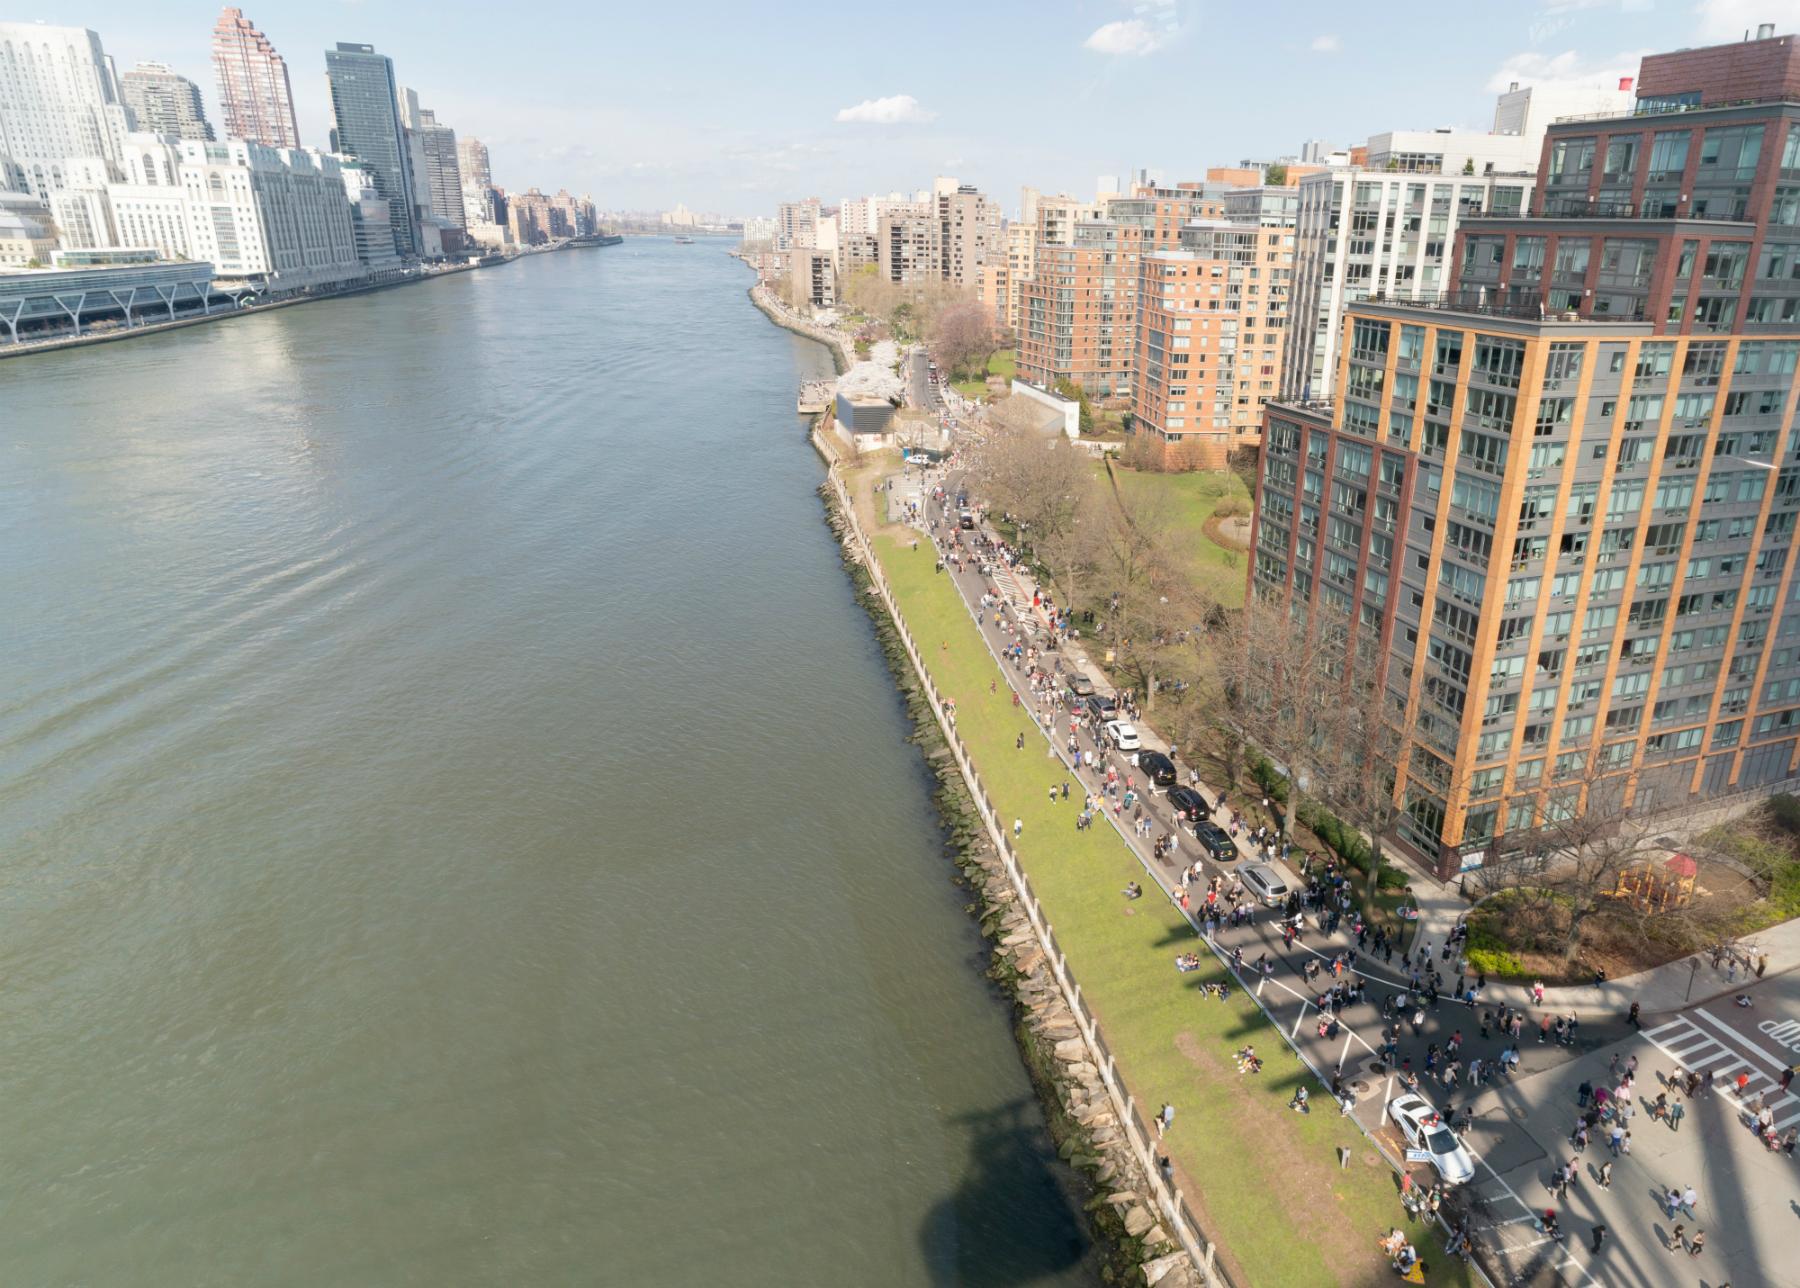 Nazwę wyspy zmieniono w 1973 roku na wyspę Roosevelta. W 1968 roku wyspa została przeznaczona na użytek mieszkaniowy, w tej chwili żyje tam około 12 tysięcy ludzi (fot: Shutterstock.com)